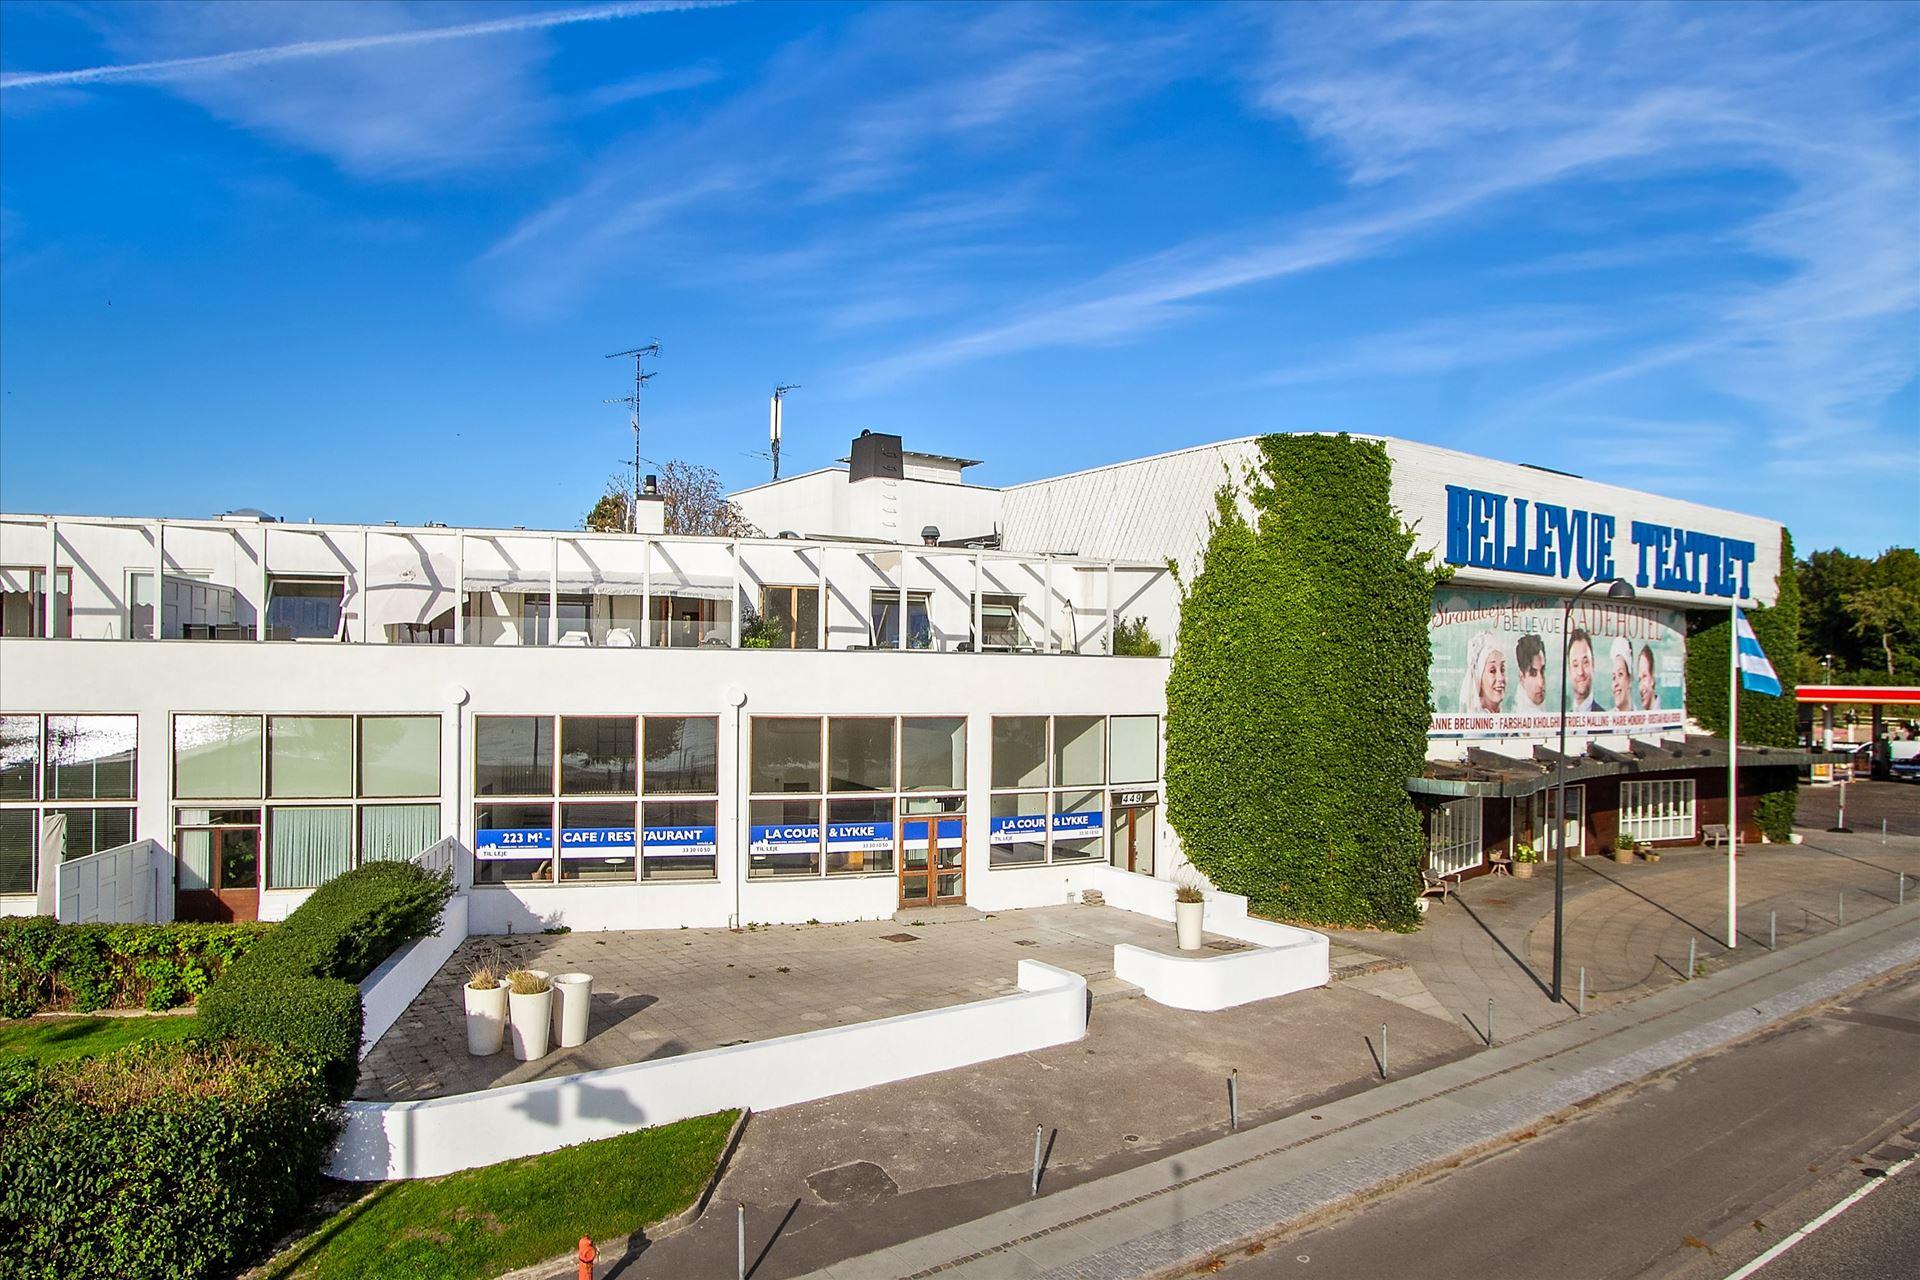 223 m² restaurant til salg – Bellevue